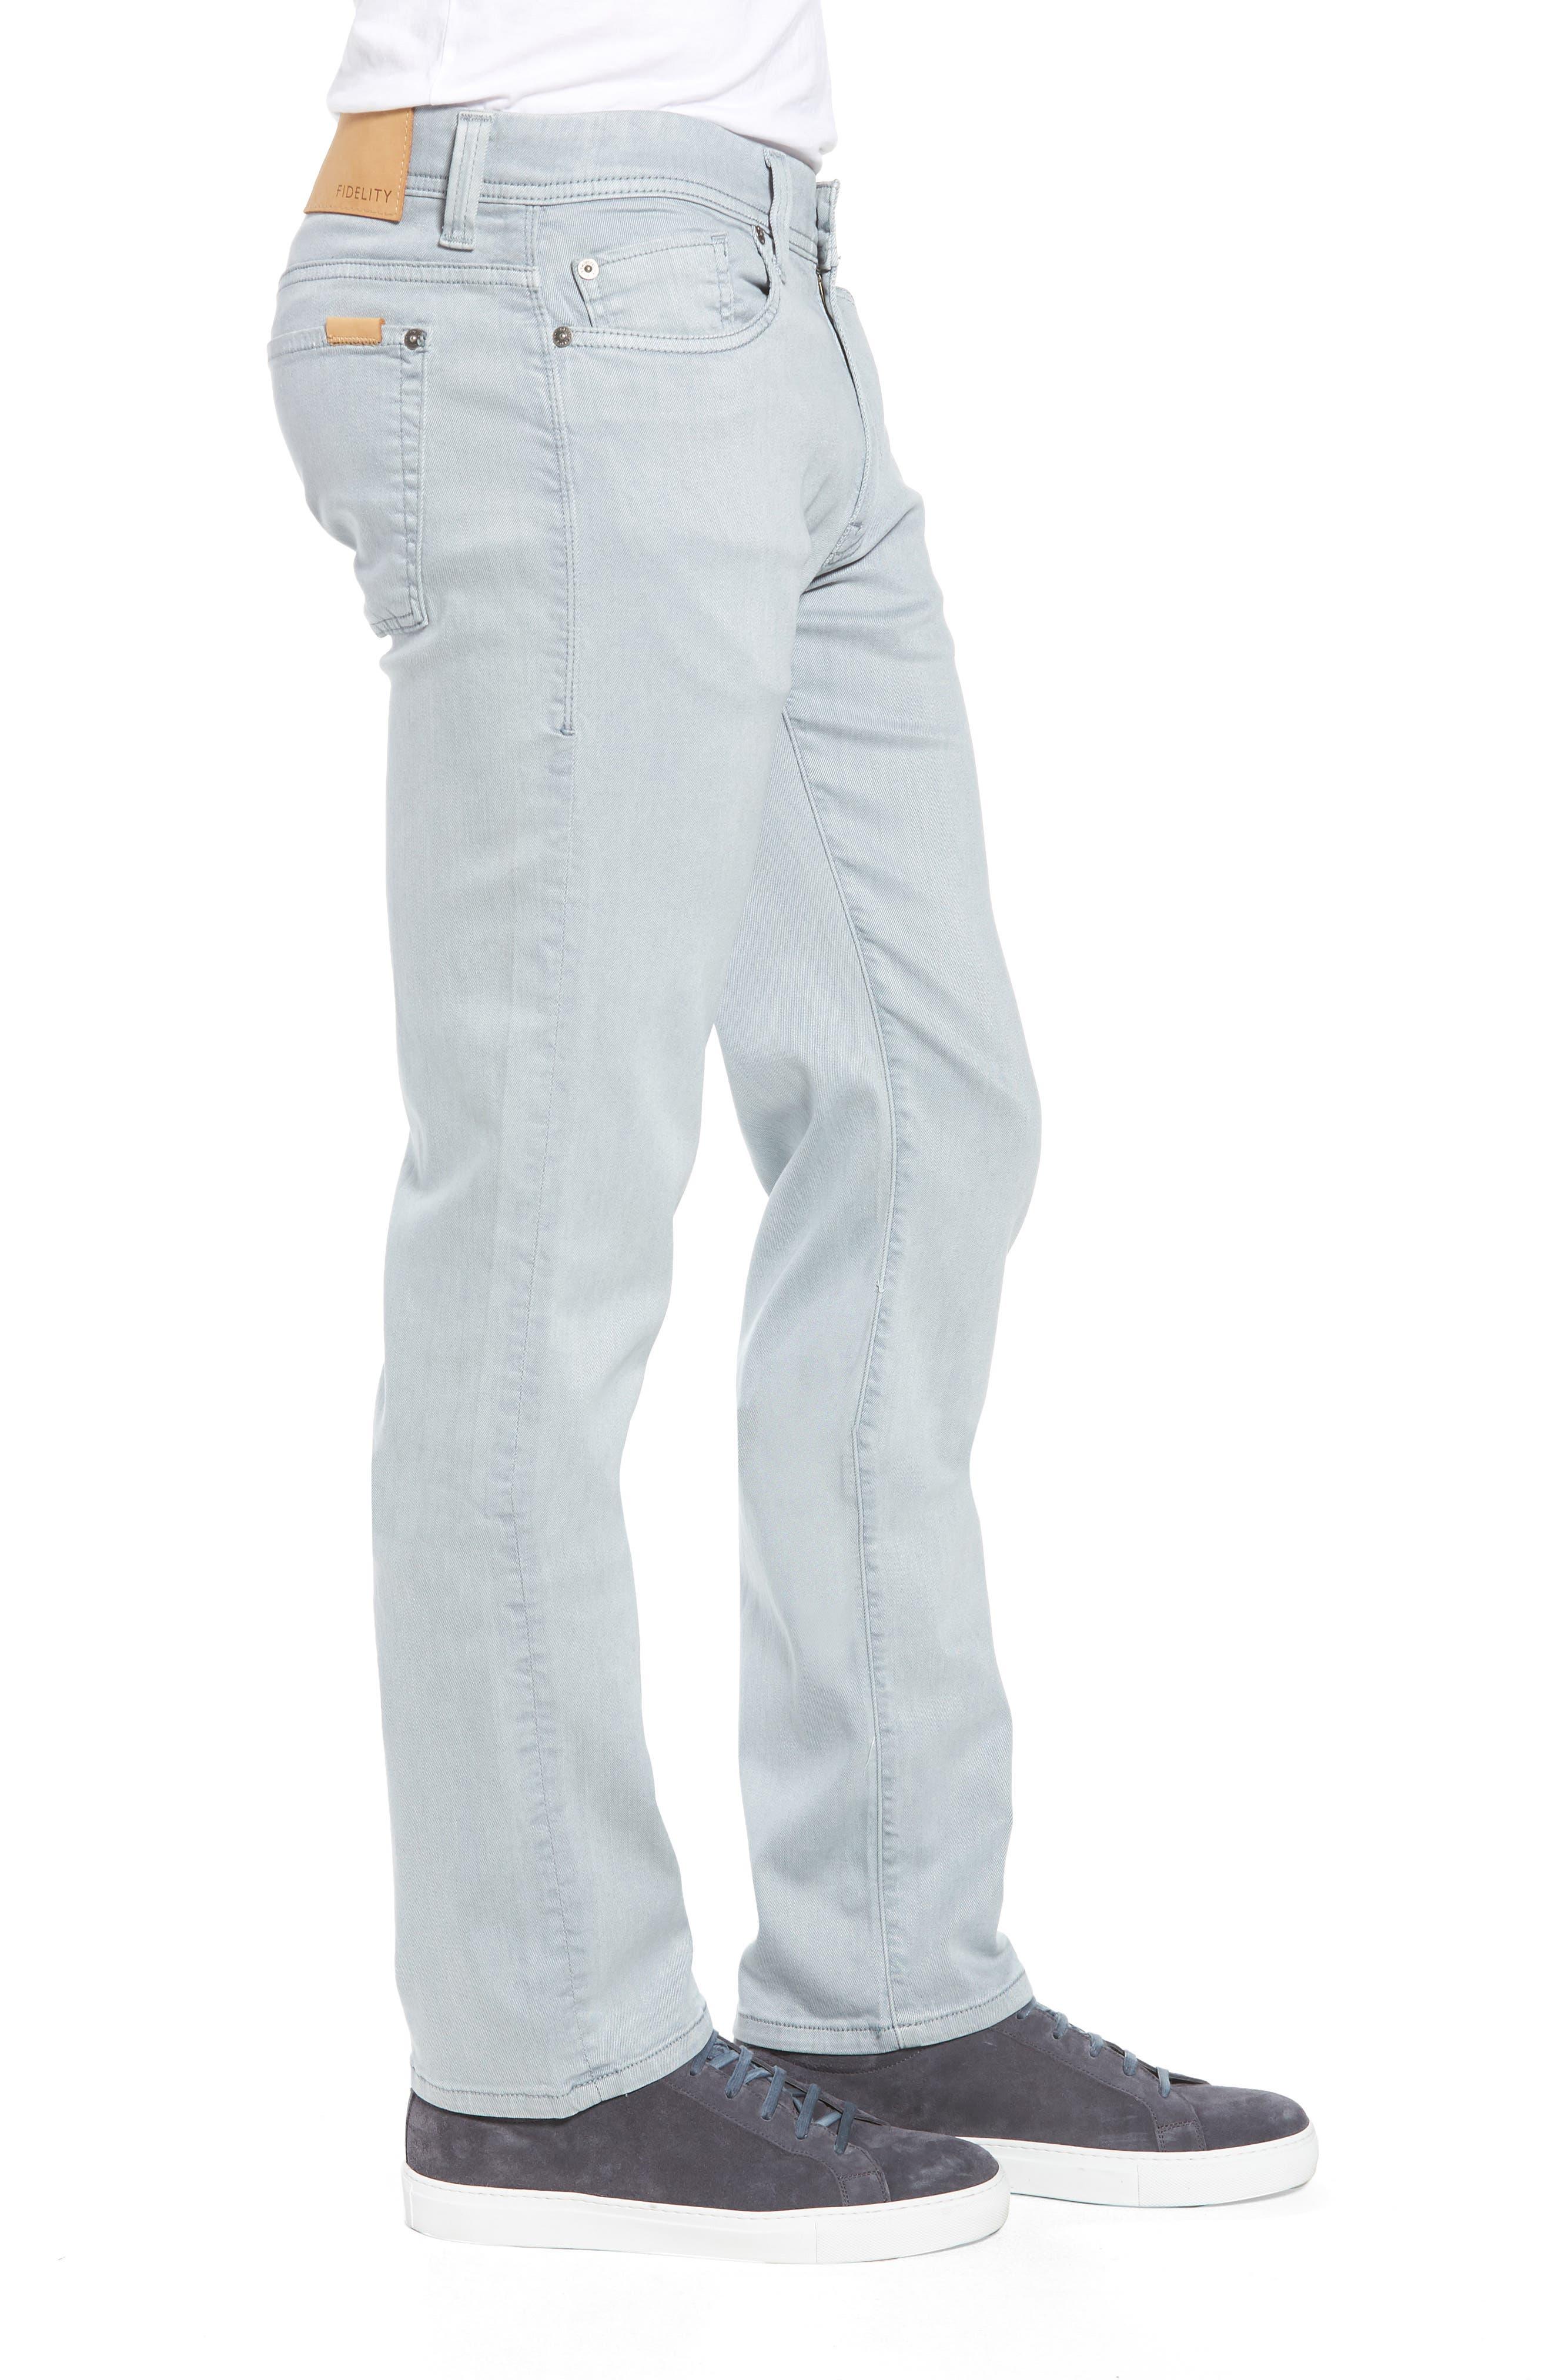 FIDELITY DENIM,                             Fidelity Jimmy Slim Straight Leg Jeans,                             Alternate thumbnail 3, color,                             020